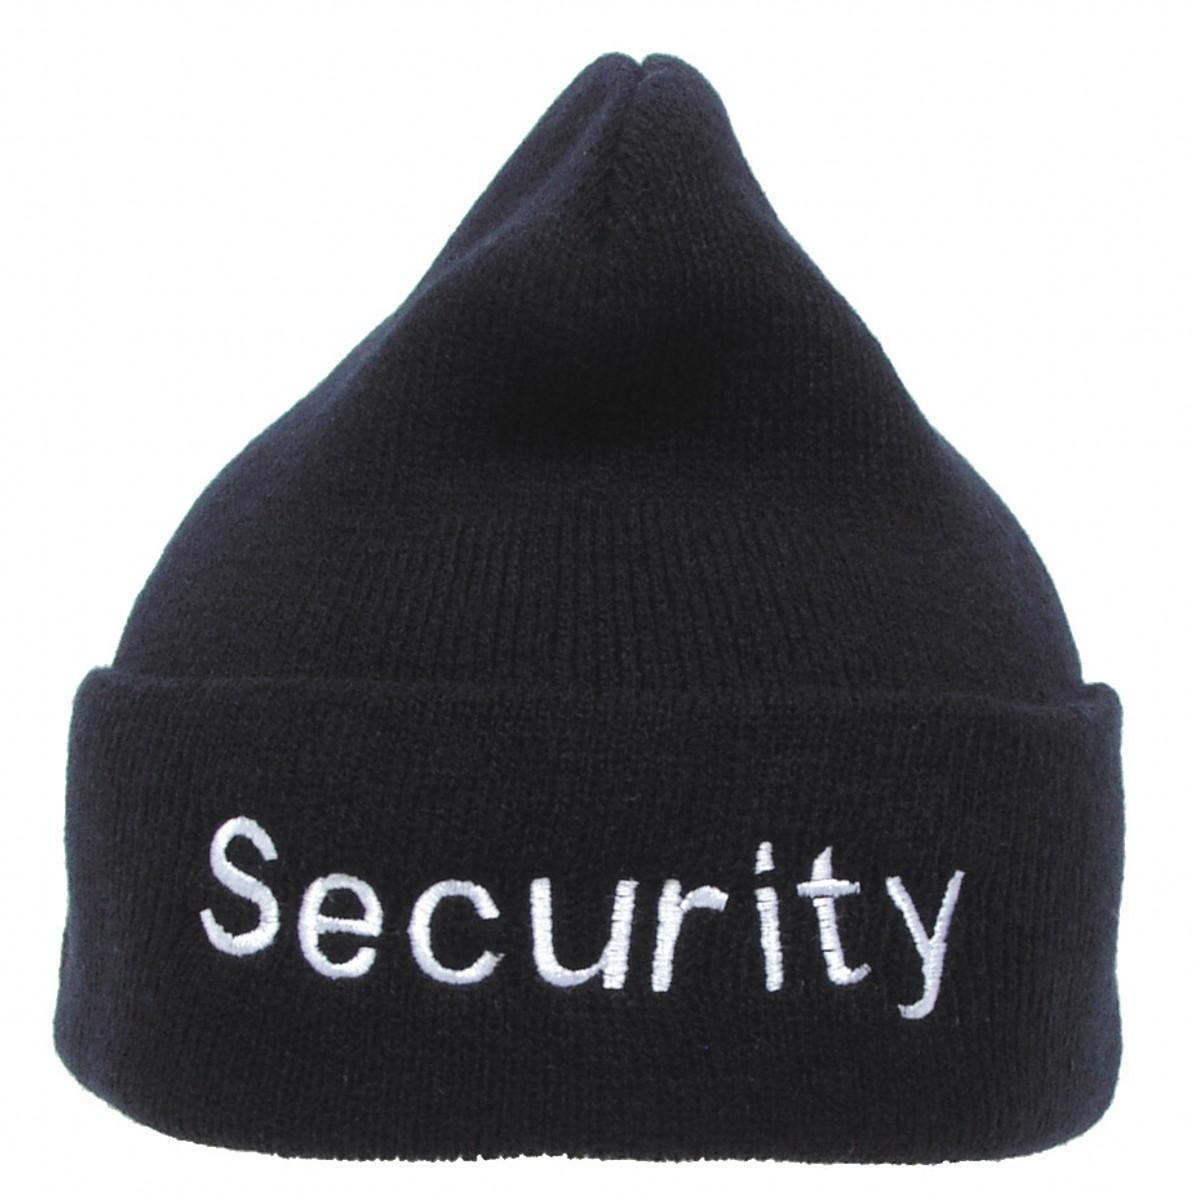 Kapa Security